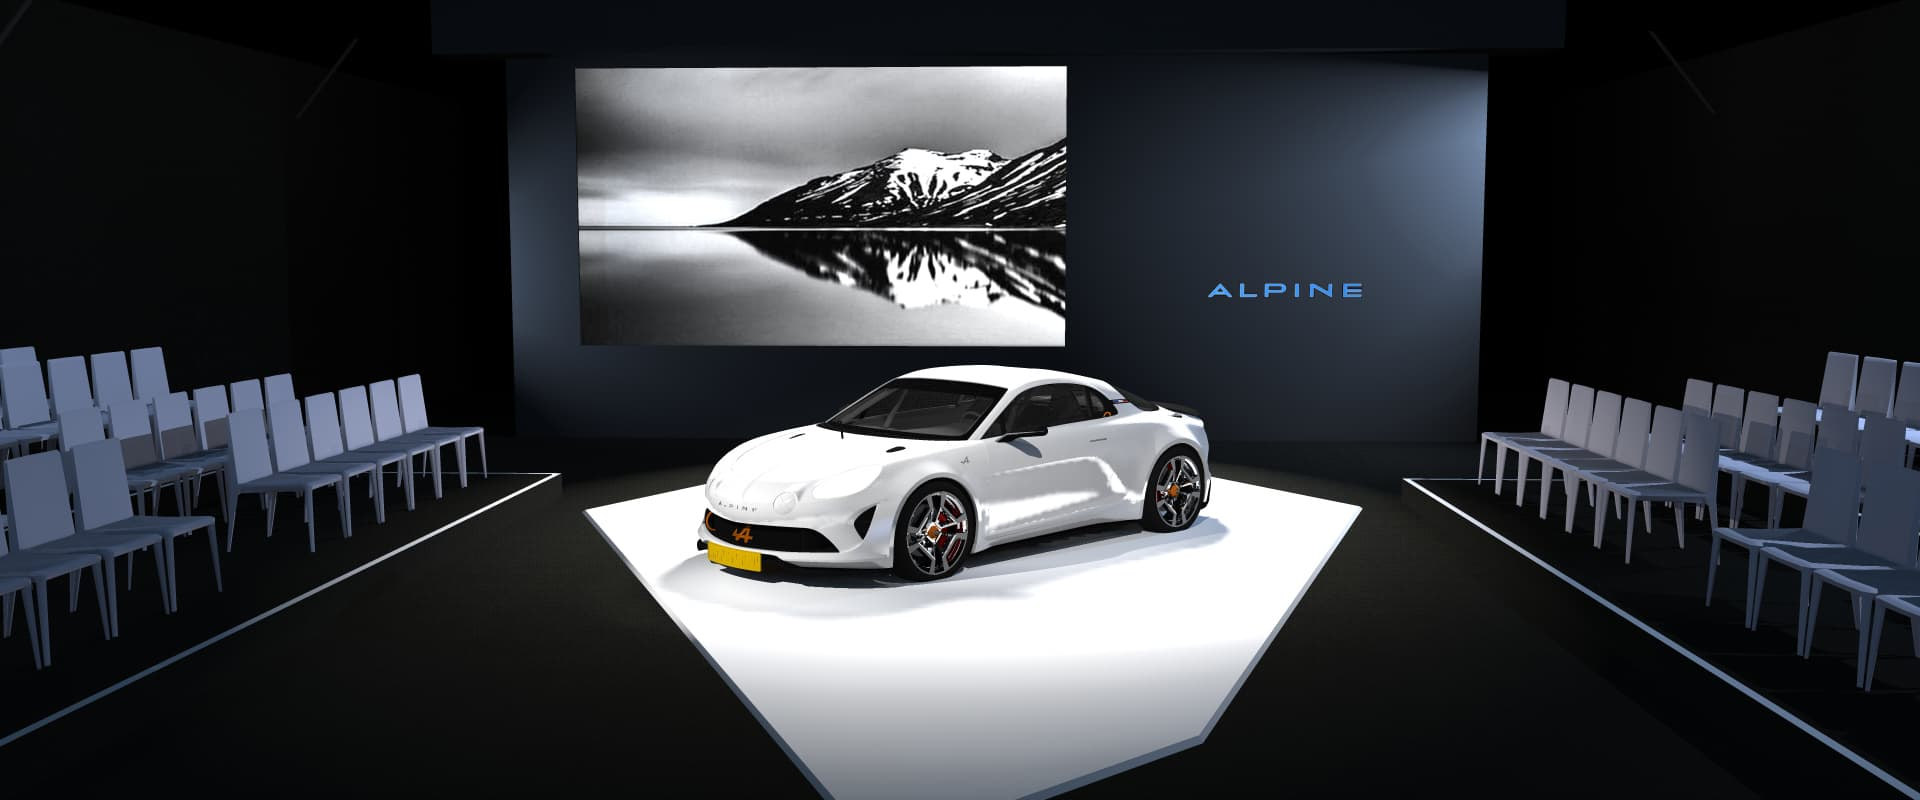 Alpine sera révélée à Genève